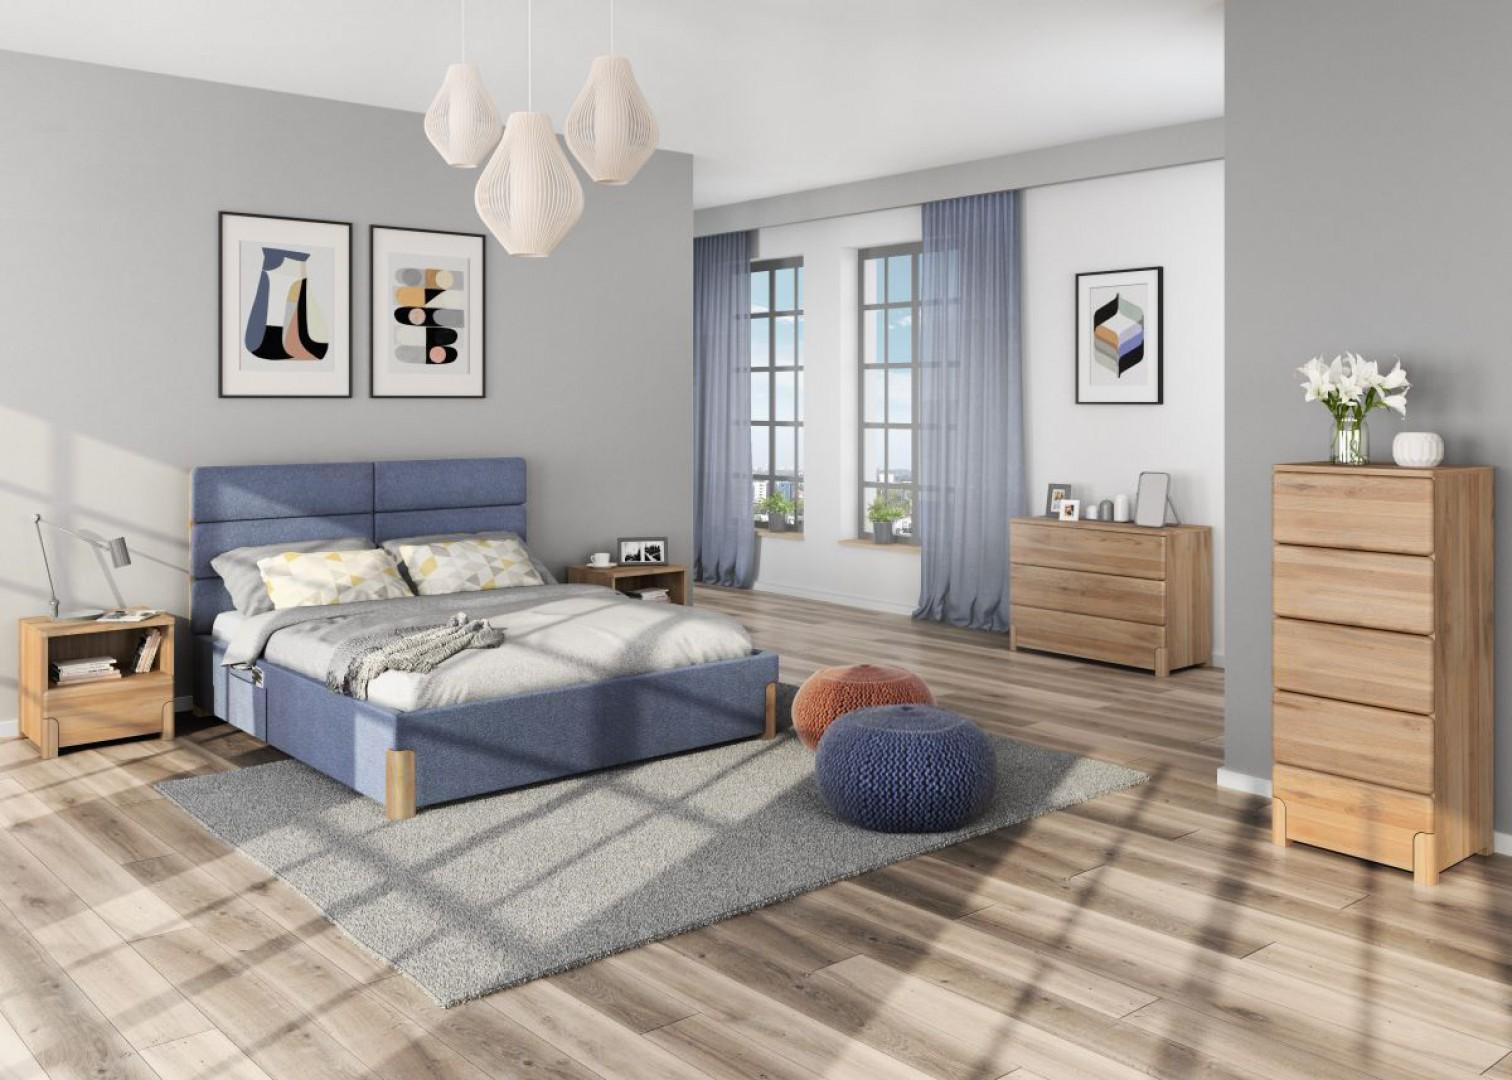 Kolekcja Lorem cechuje się współczesną, prostą, stylistyka oraz ponadczasowe wzornictwo. Meble wykonane są z drewna dębowego, który delikatnym rysunkiem na frontach ozdobi wnętrze sypialni. Kolekcja uzupełniona jest o tapicerowane łóżko z wysokim zagłówkiem. Fot. Paged